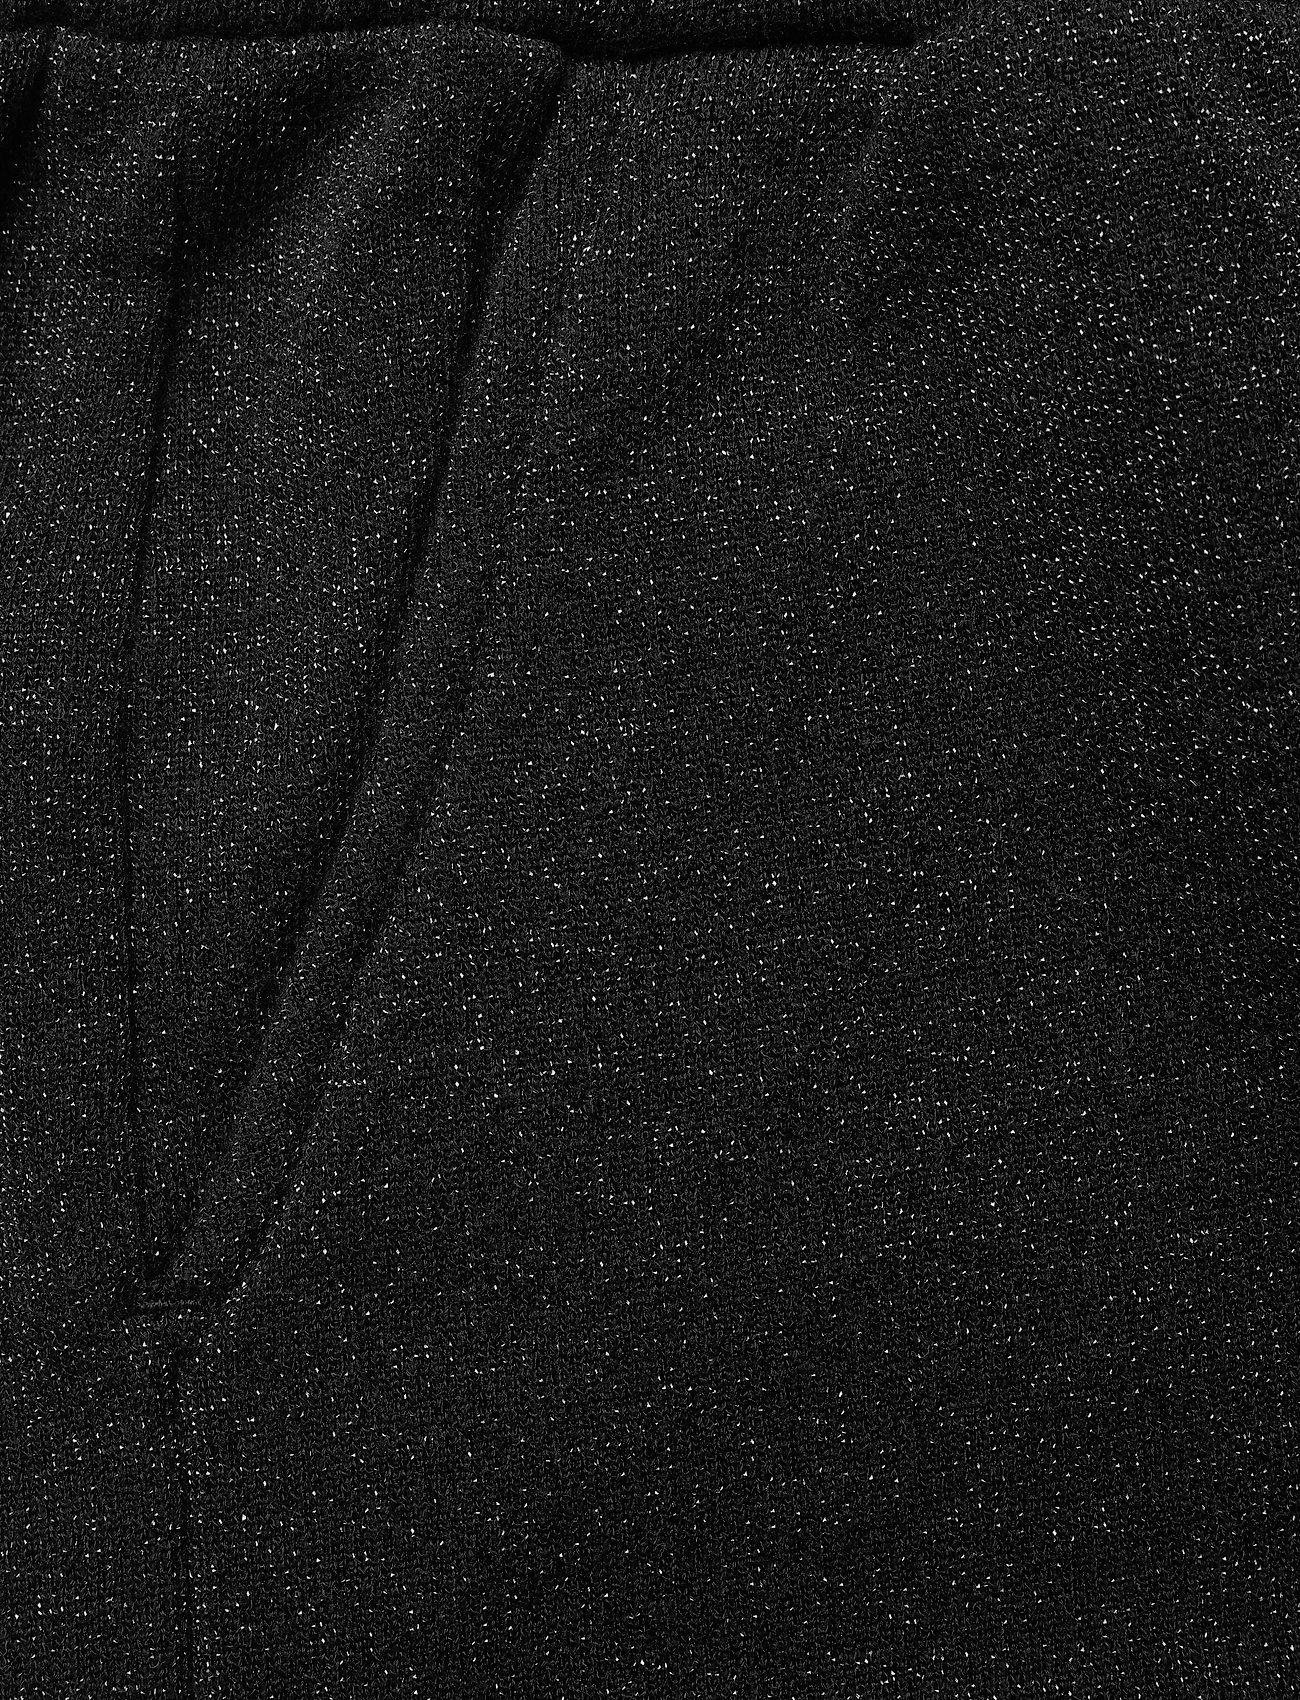 Replay Shorts (Black Lurex), 519.35